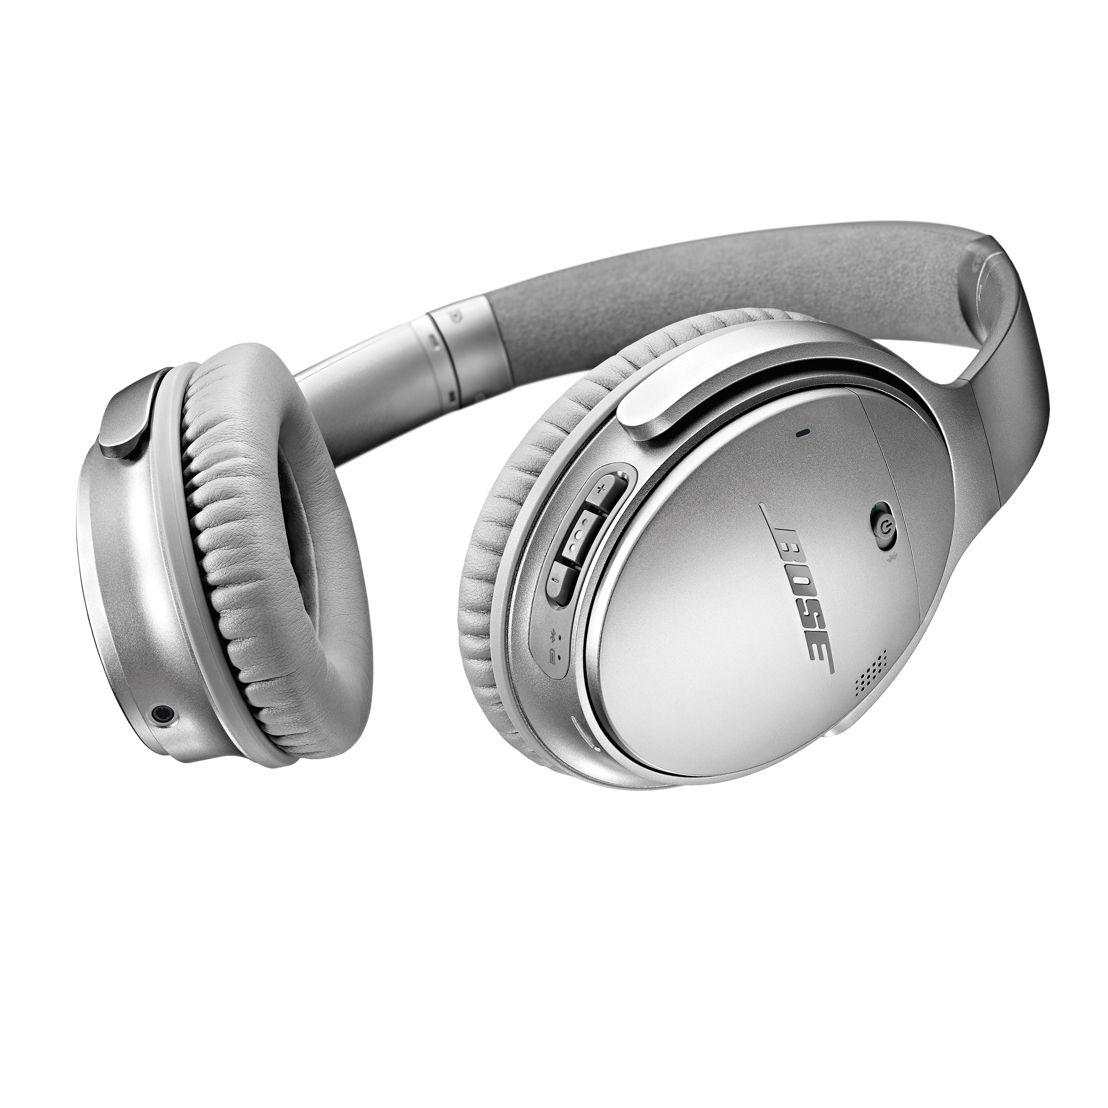 Bose - Quietcomfort 35 - 379,95 €.